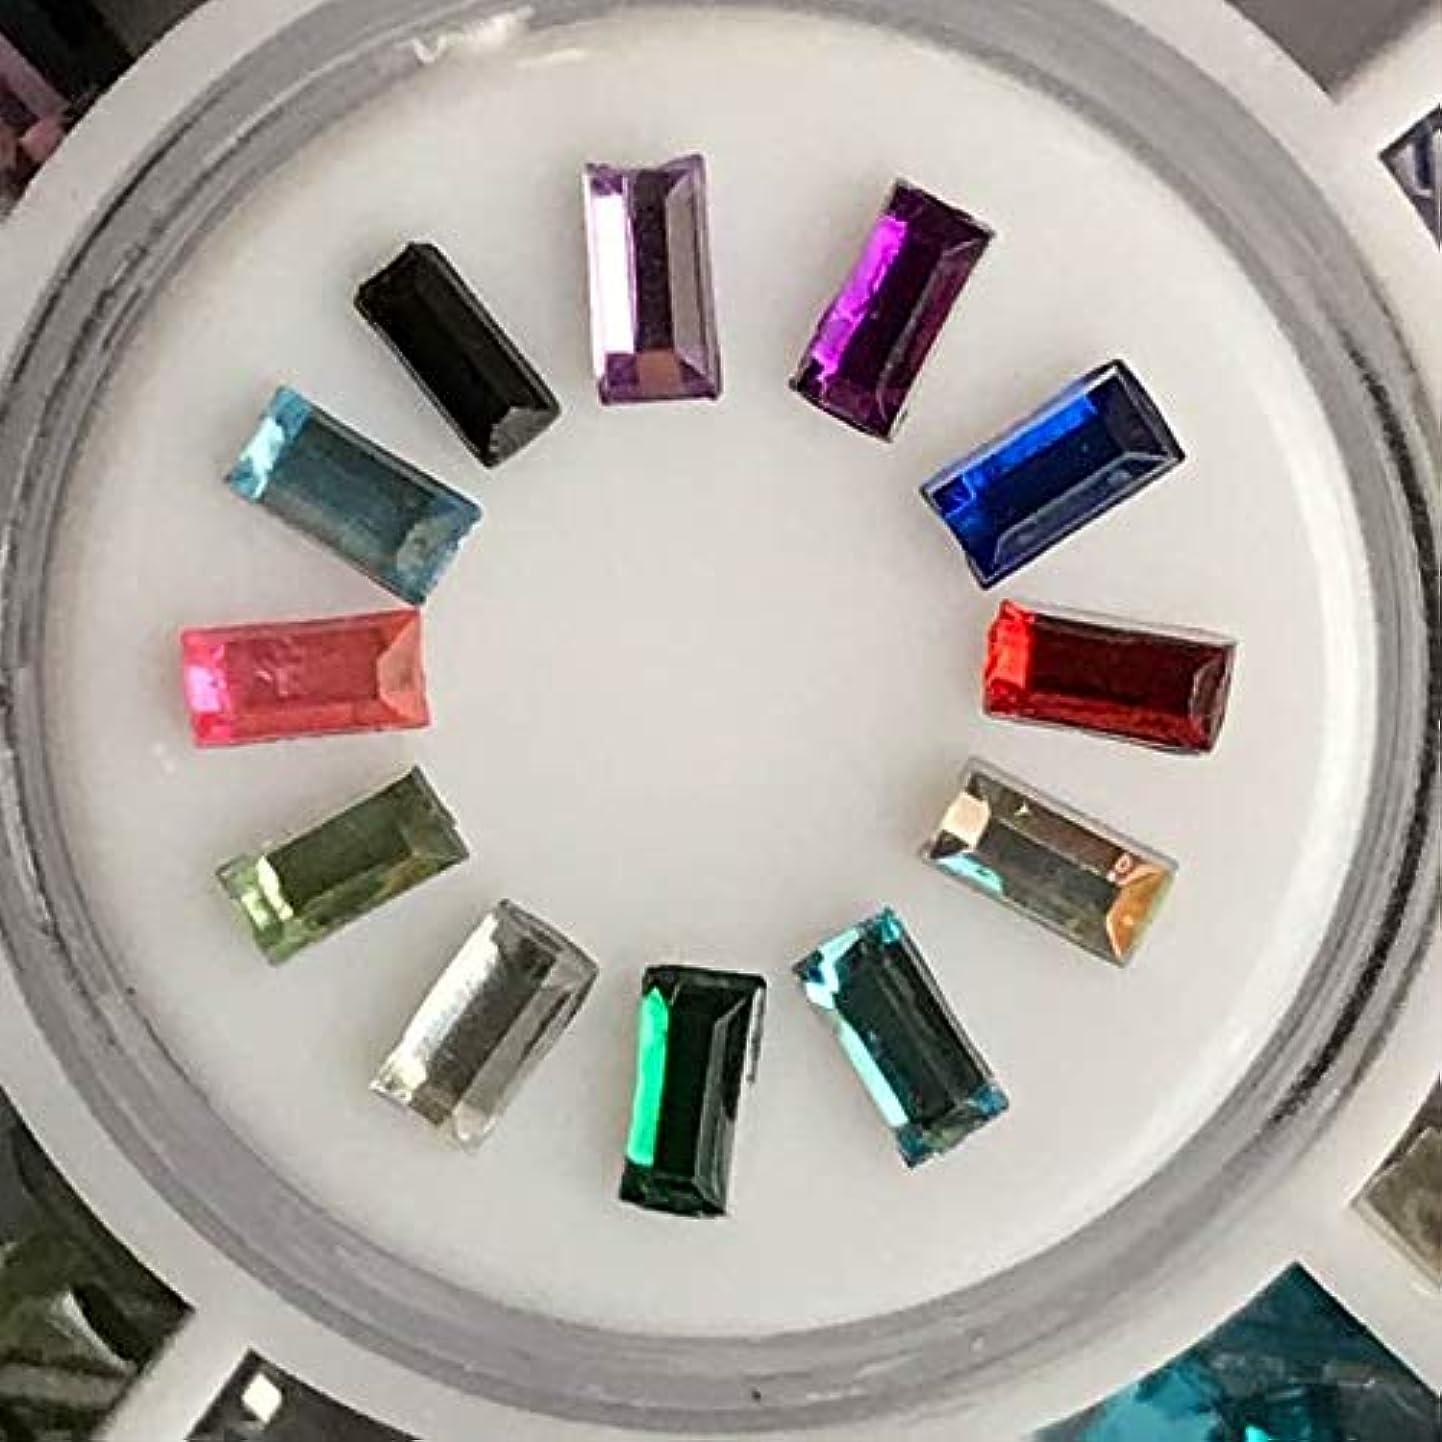 アクリルラインストーン12色セットネイル用DIYアクセサリーハンドメイド素材パーツ (細い長方形スティック)